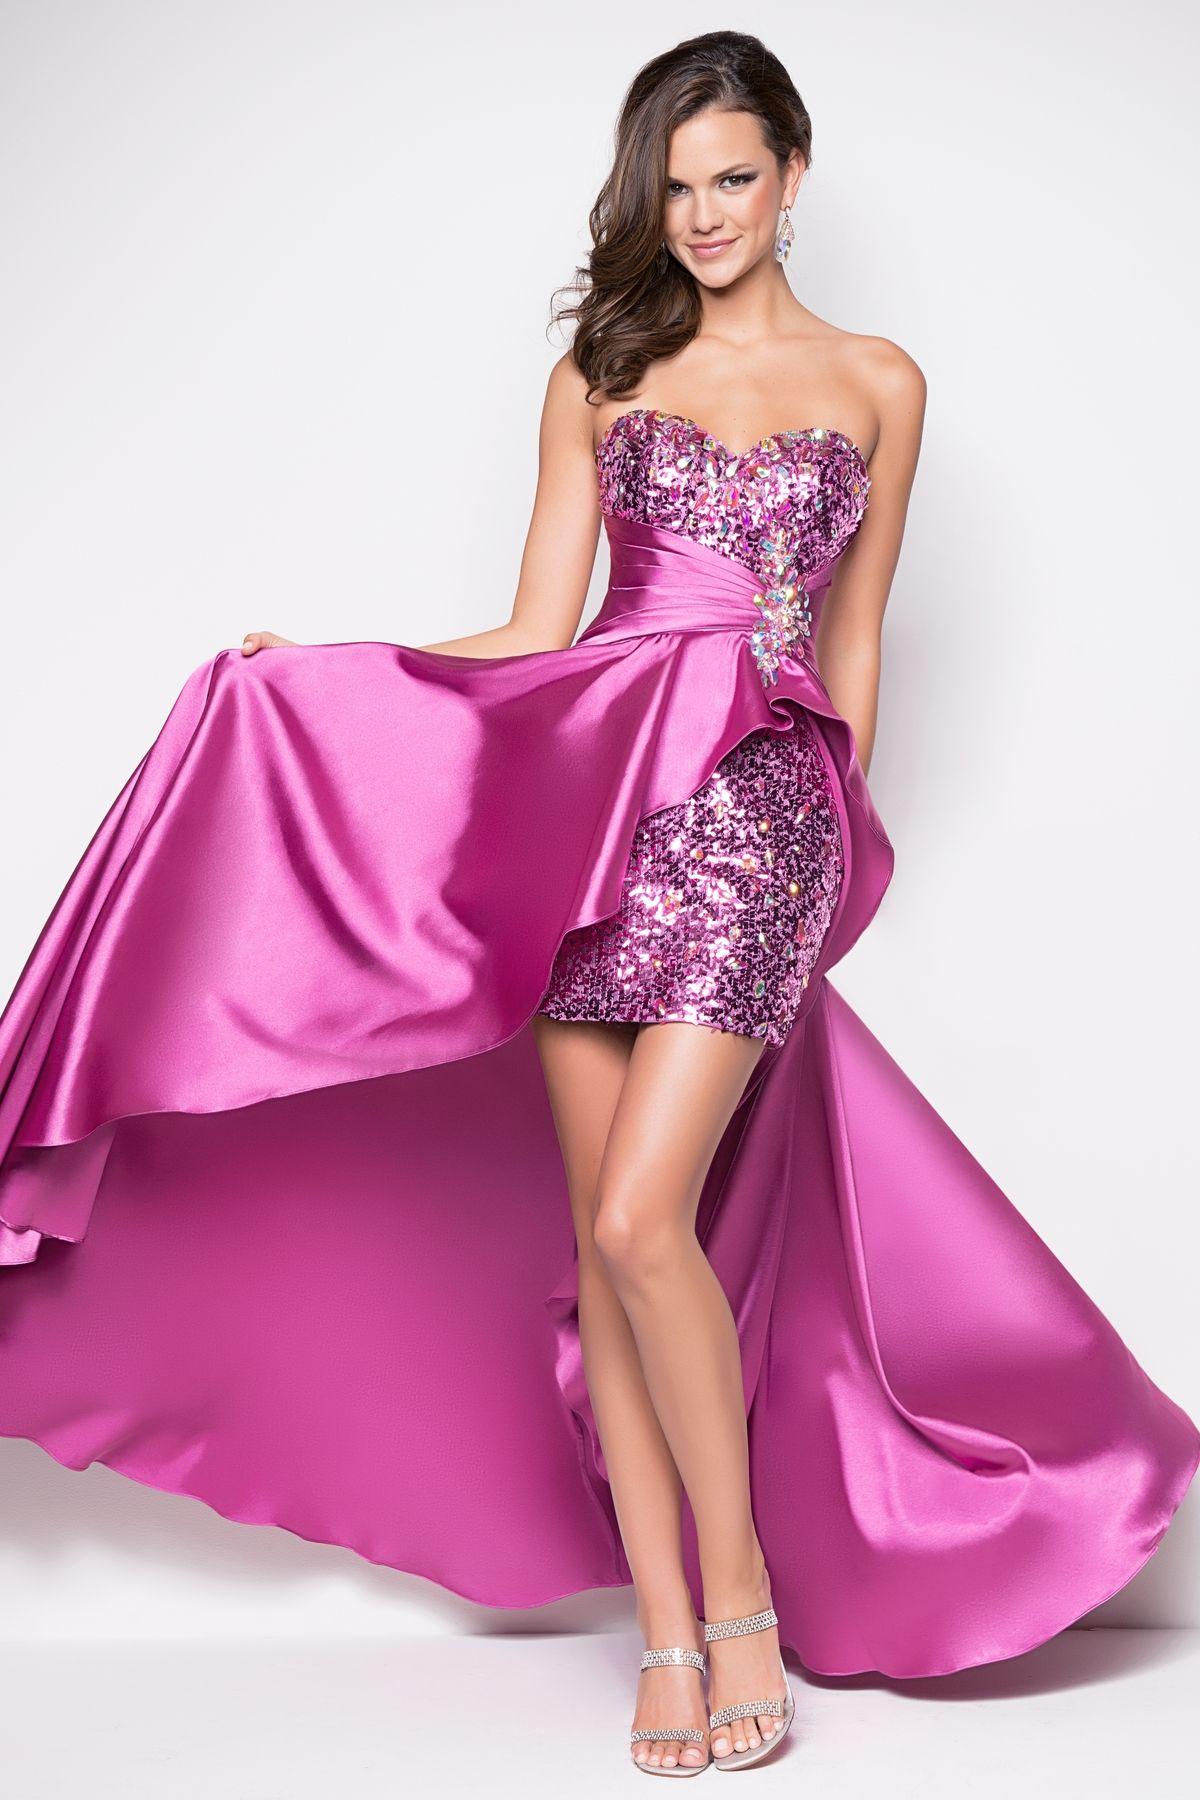 Asombroso Prom Vestidos Cortos Friso - Colección de Vestidos de Boda ...